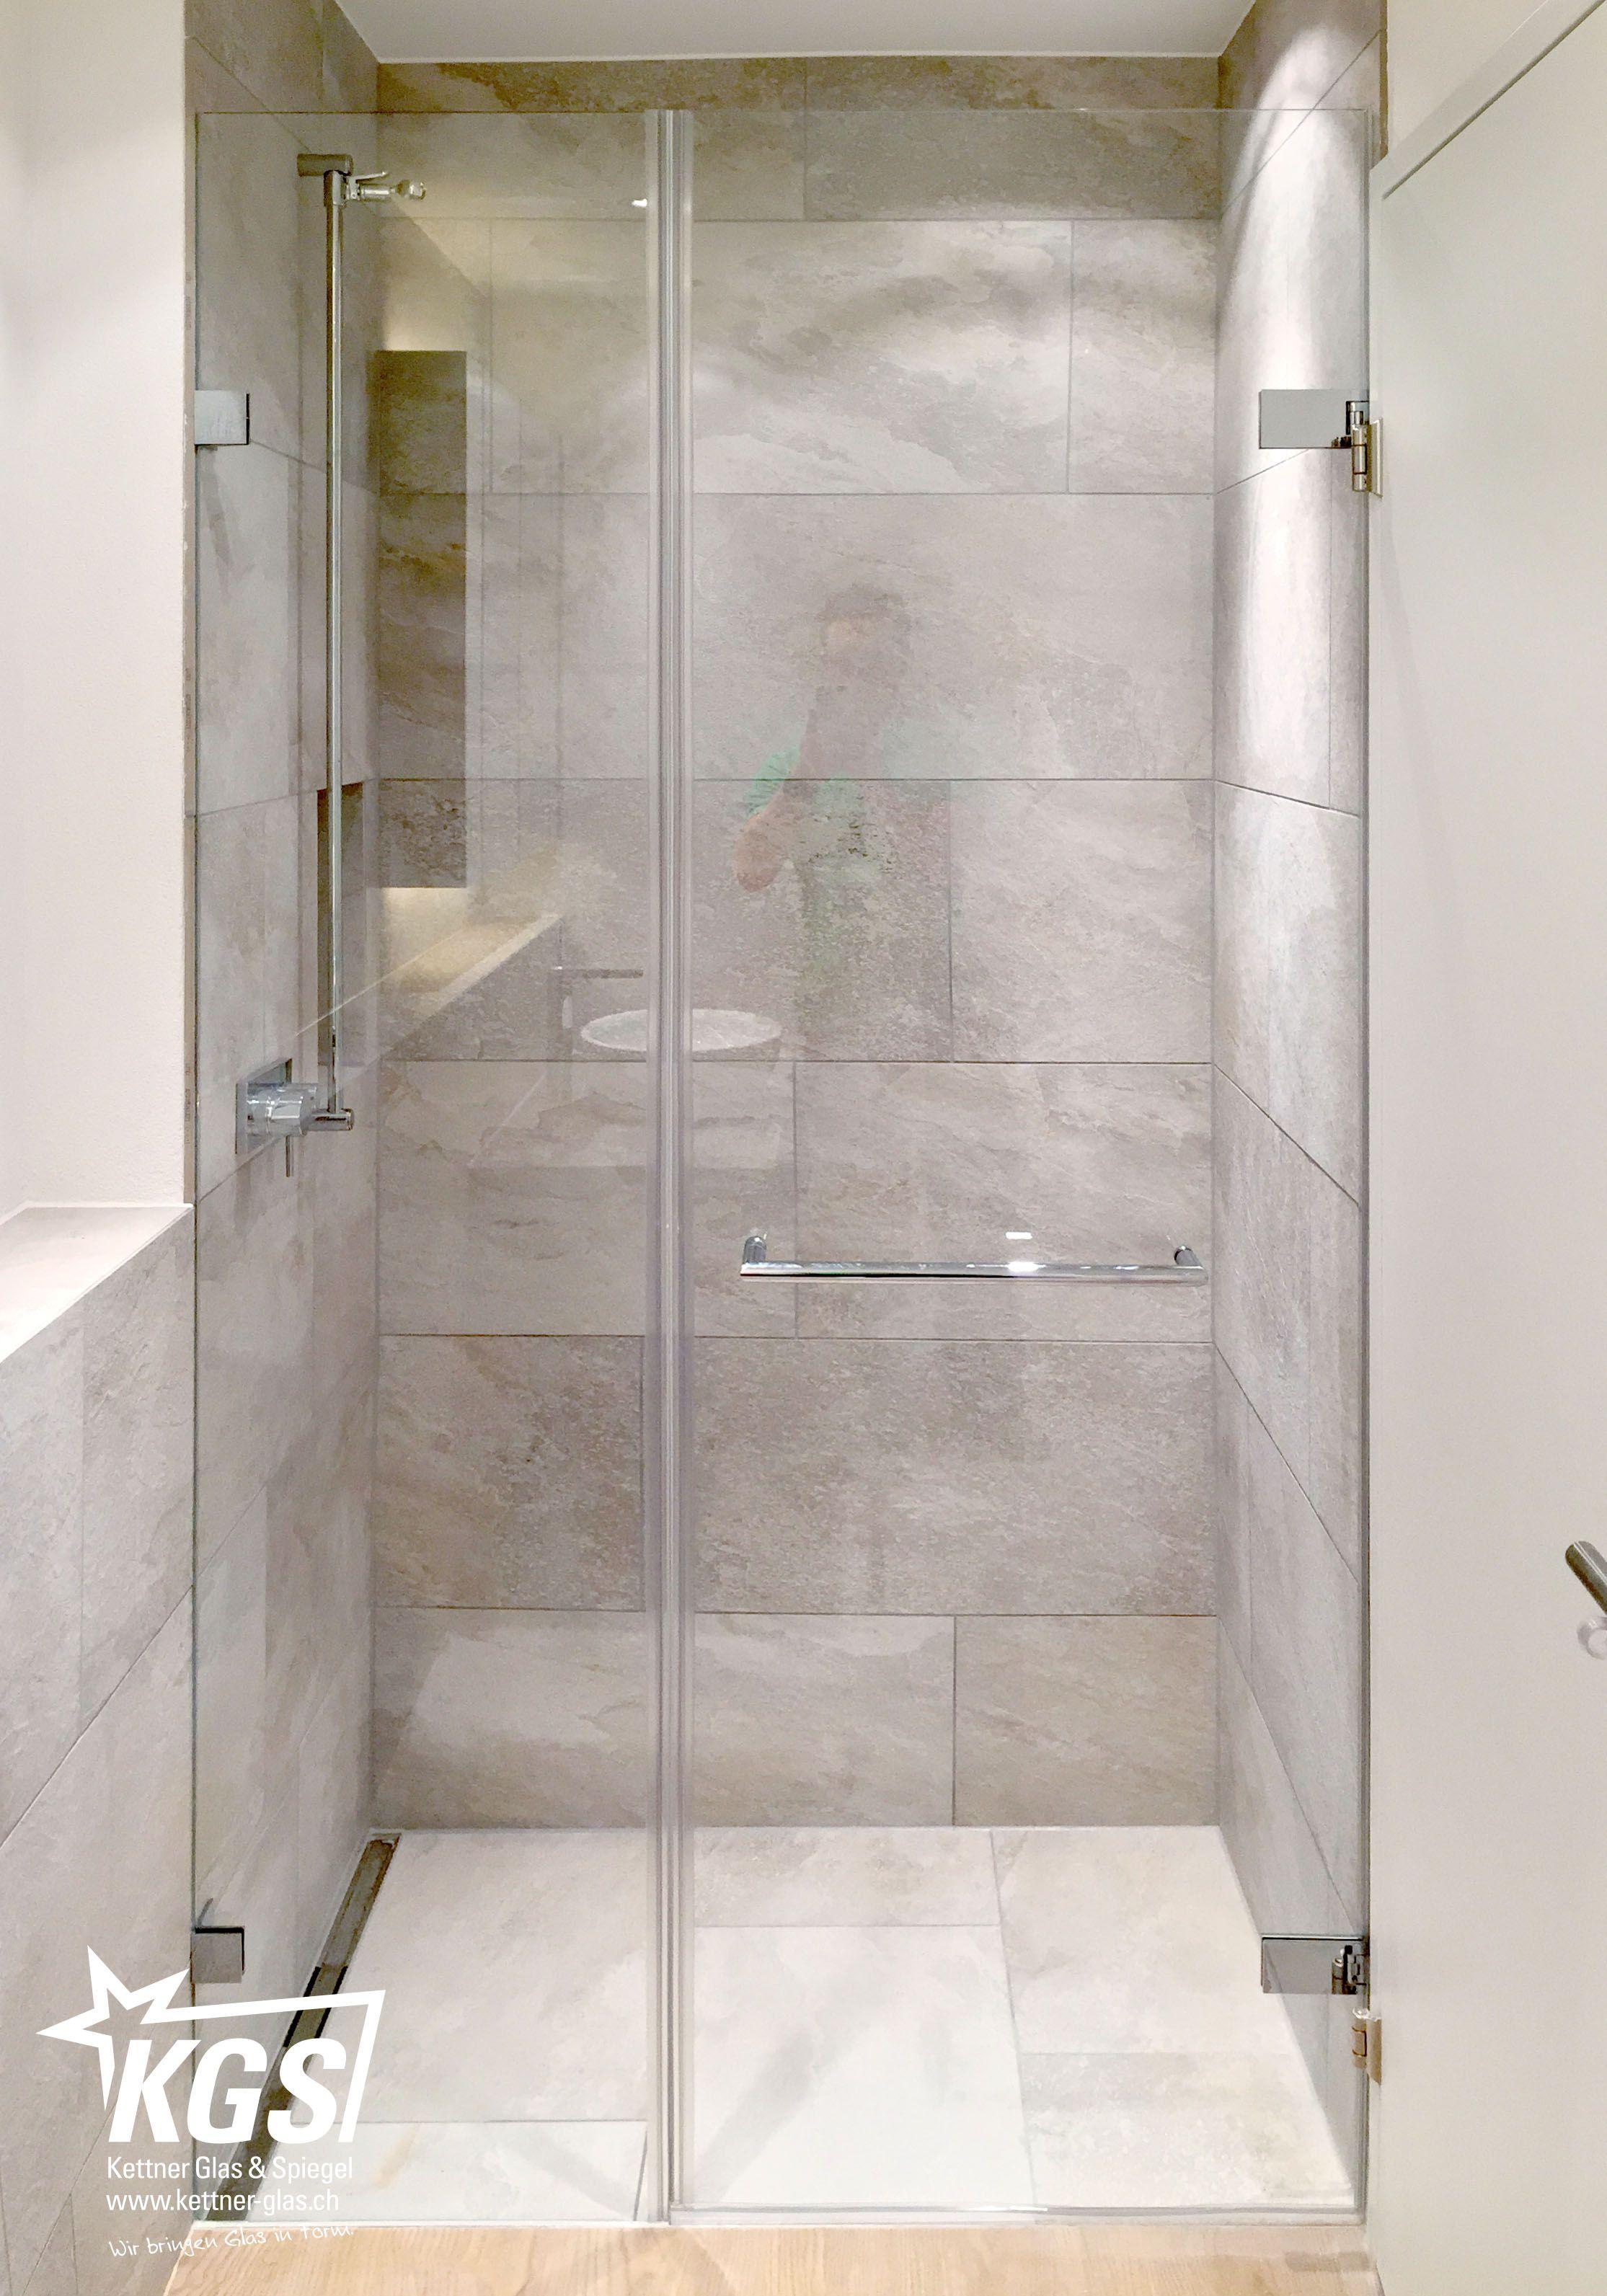 Nischen Duschkabine Aus Klarglas Mit Integriertem Handtuchhalter